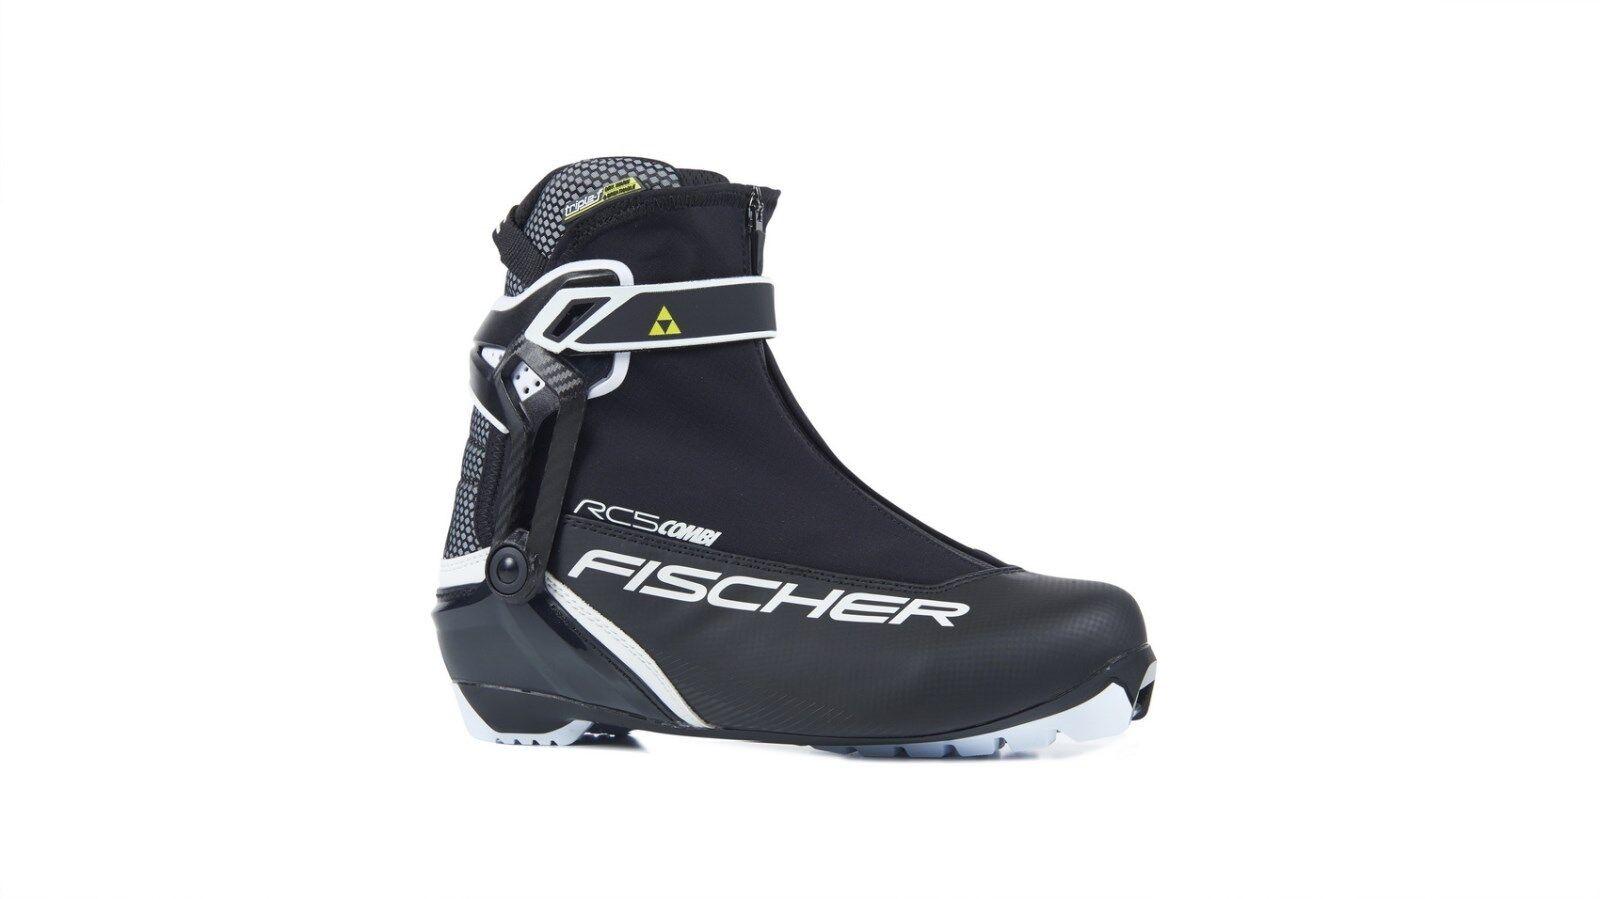 FISCHER Langlaufschuhe RC5 Combi LL-Schuh Fischer *NEU*